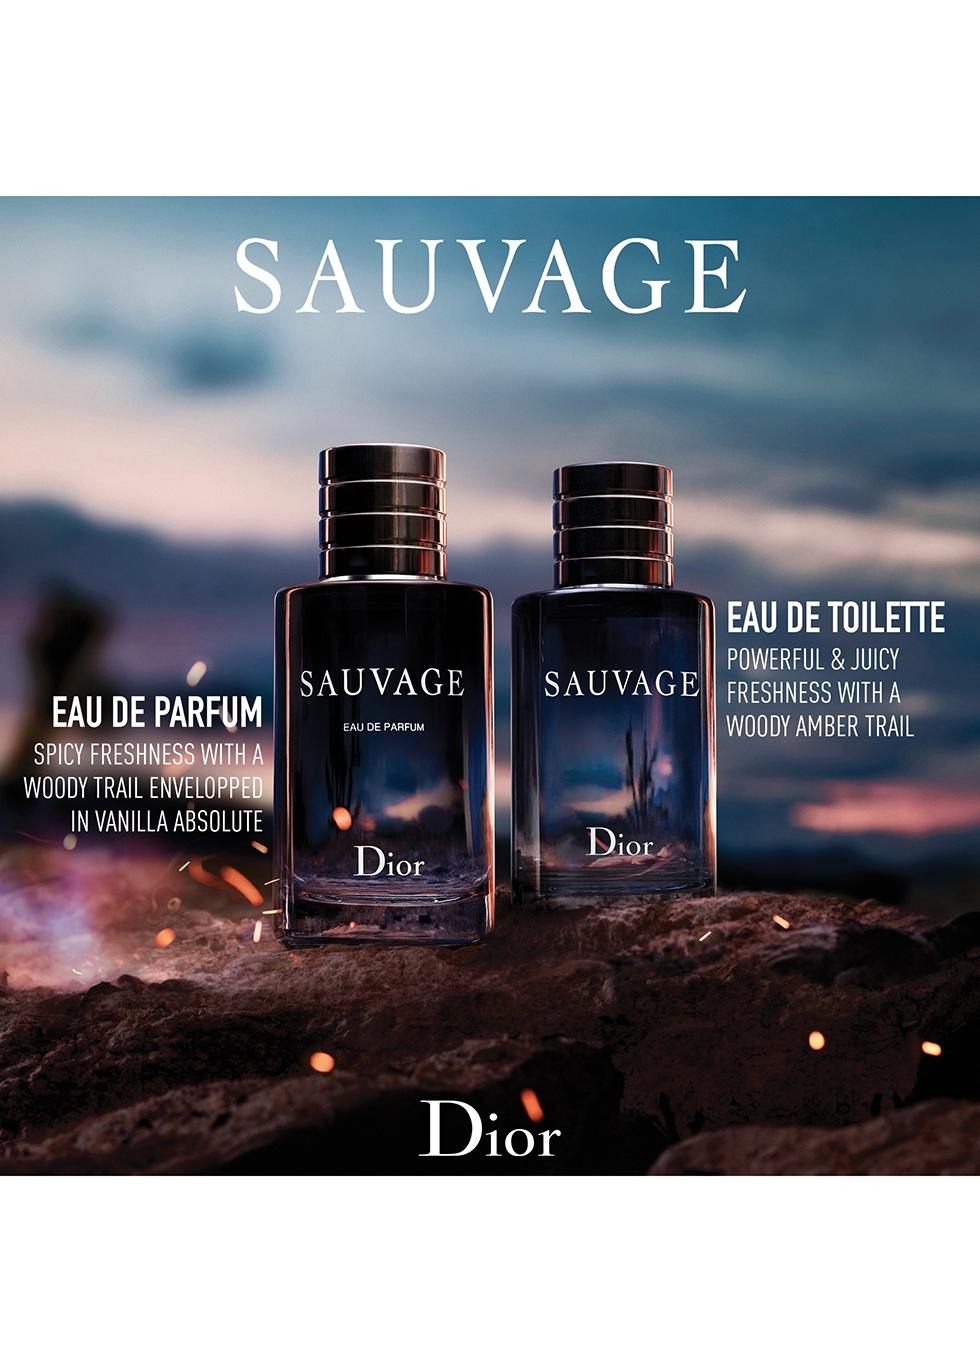 Sauvage Eau de Toilette 200ml - Dior